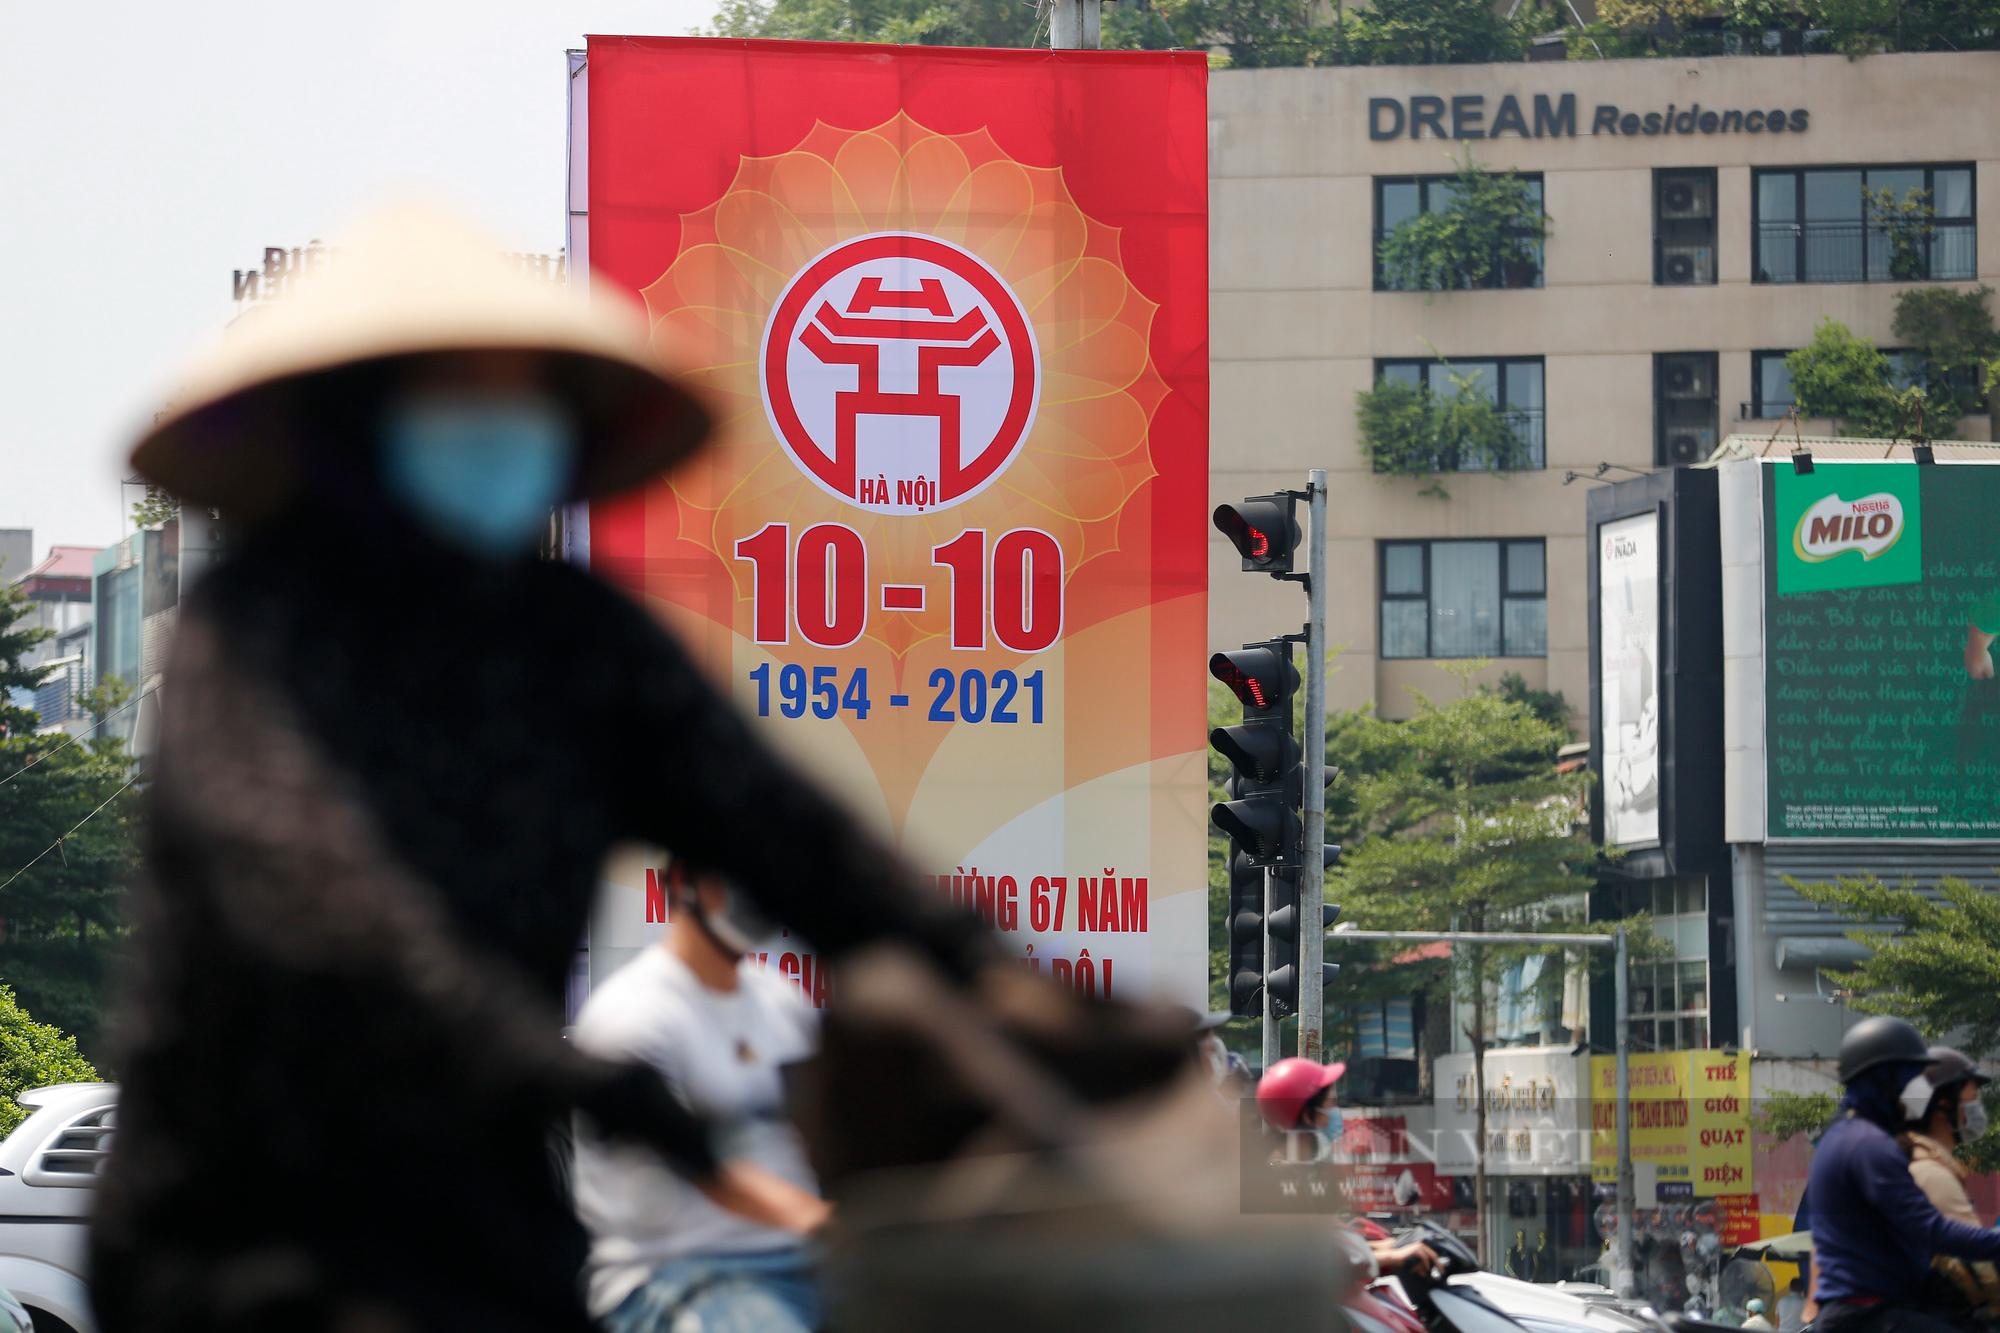 Đường phố Hà Nội rực rỡ chào mừng Ngày Giải phóng Thủ đô  - Ảnh 7.